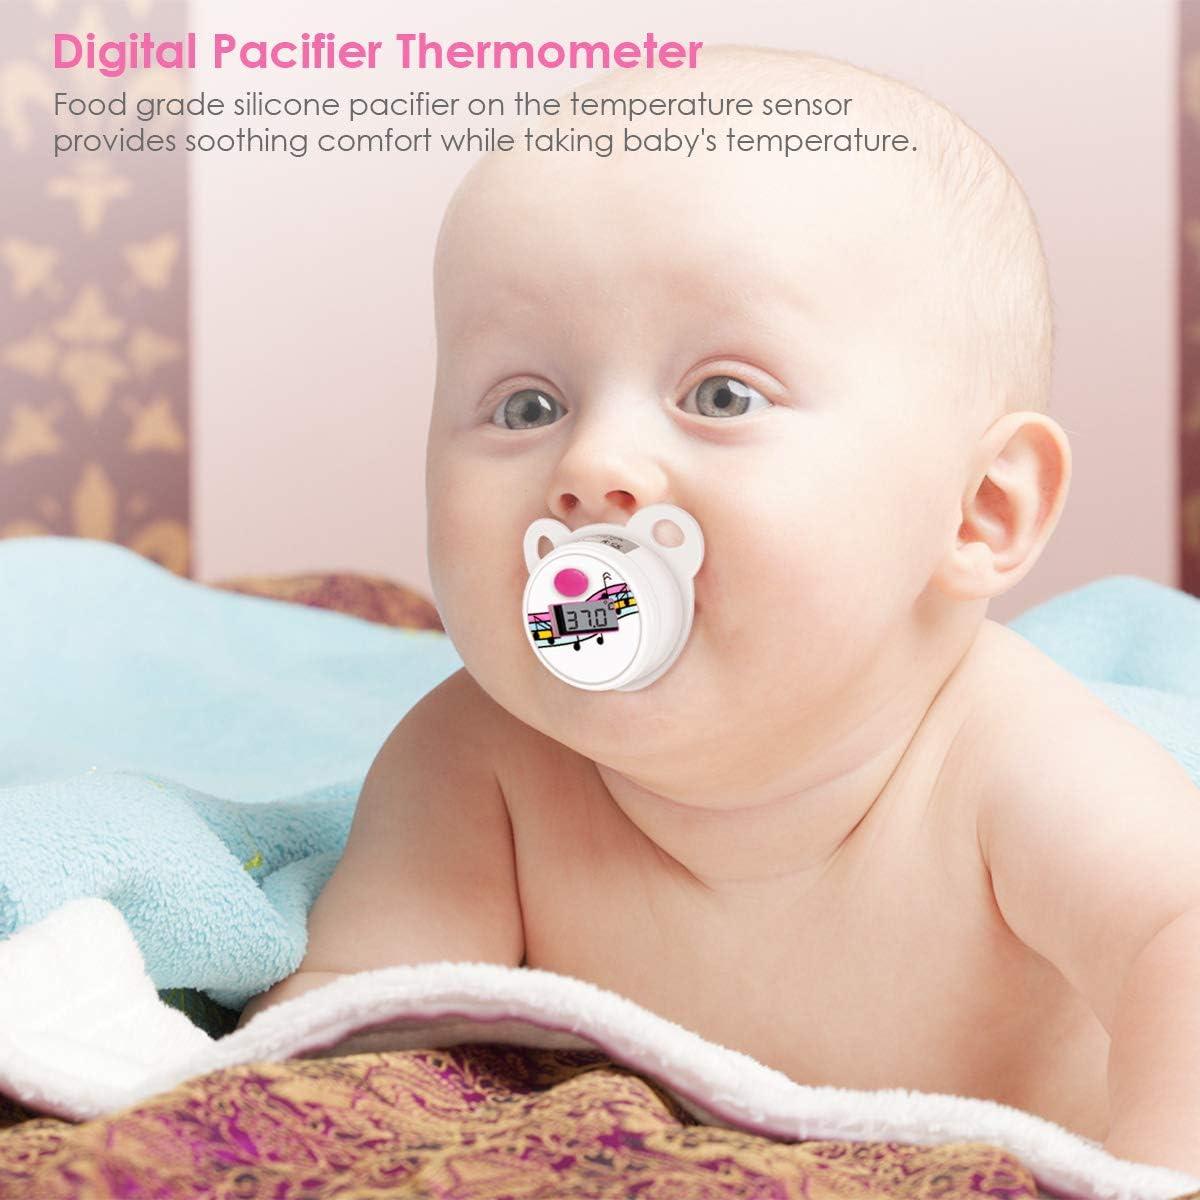 Haokaini Bolsas de Silicona Port/átiles con Term/ómetro Digital para Beb/és